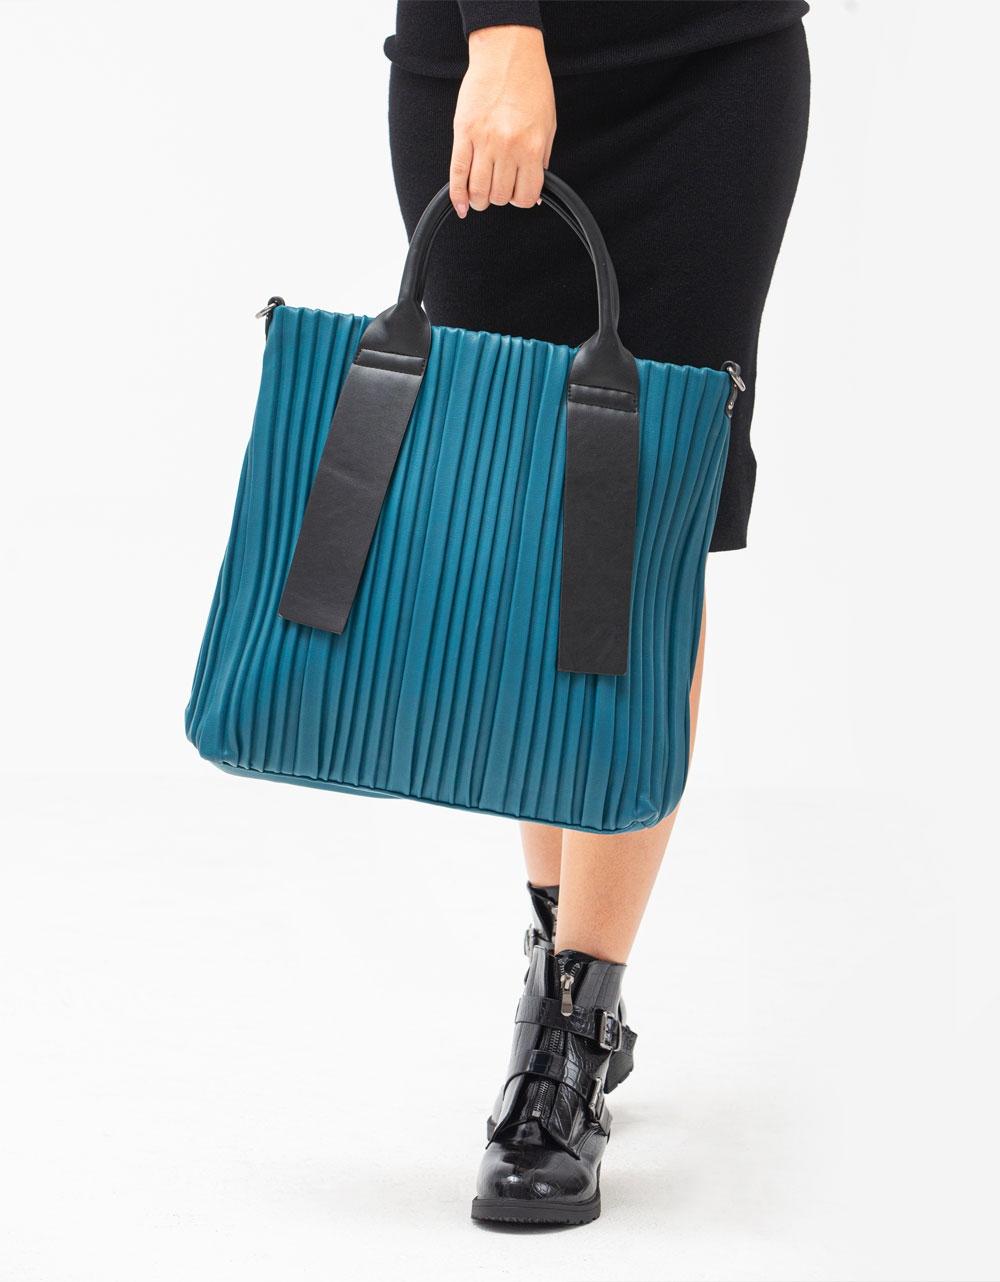 Εικόνα από Γυναικεία τσάντα χειρός με ιδιαίτερο καπιτονέ σχέδιο Βεραμάν